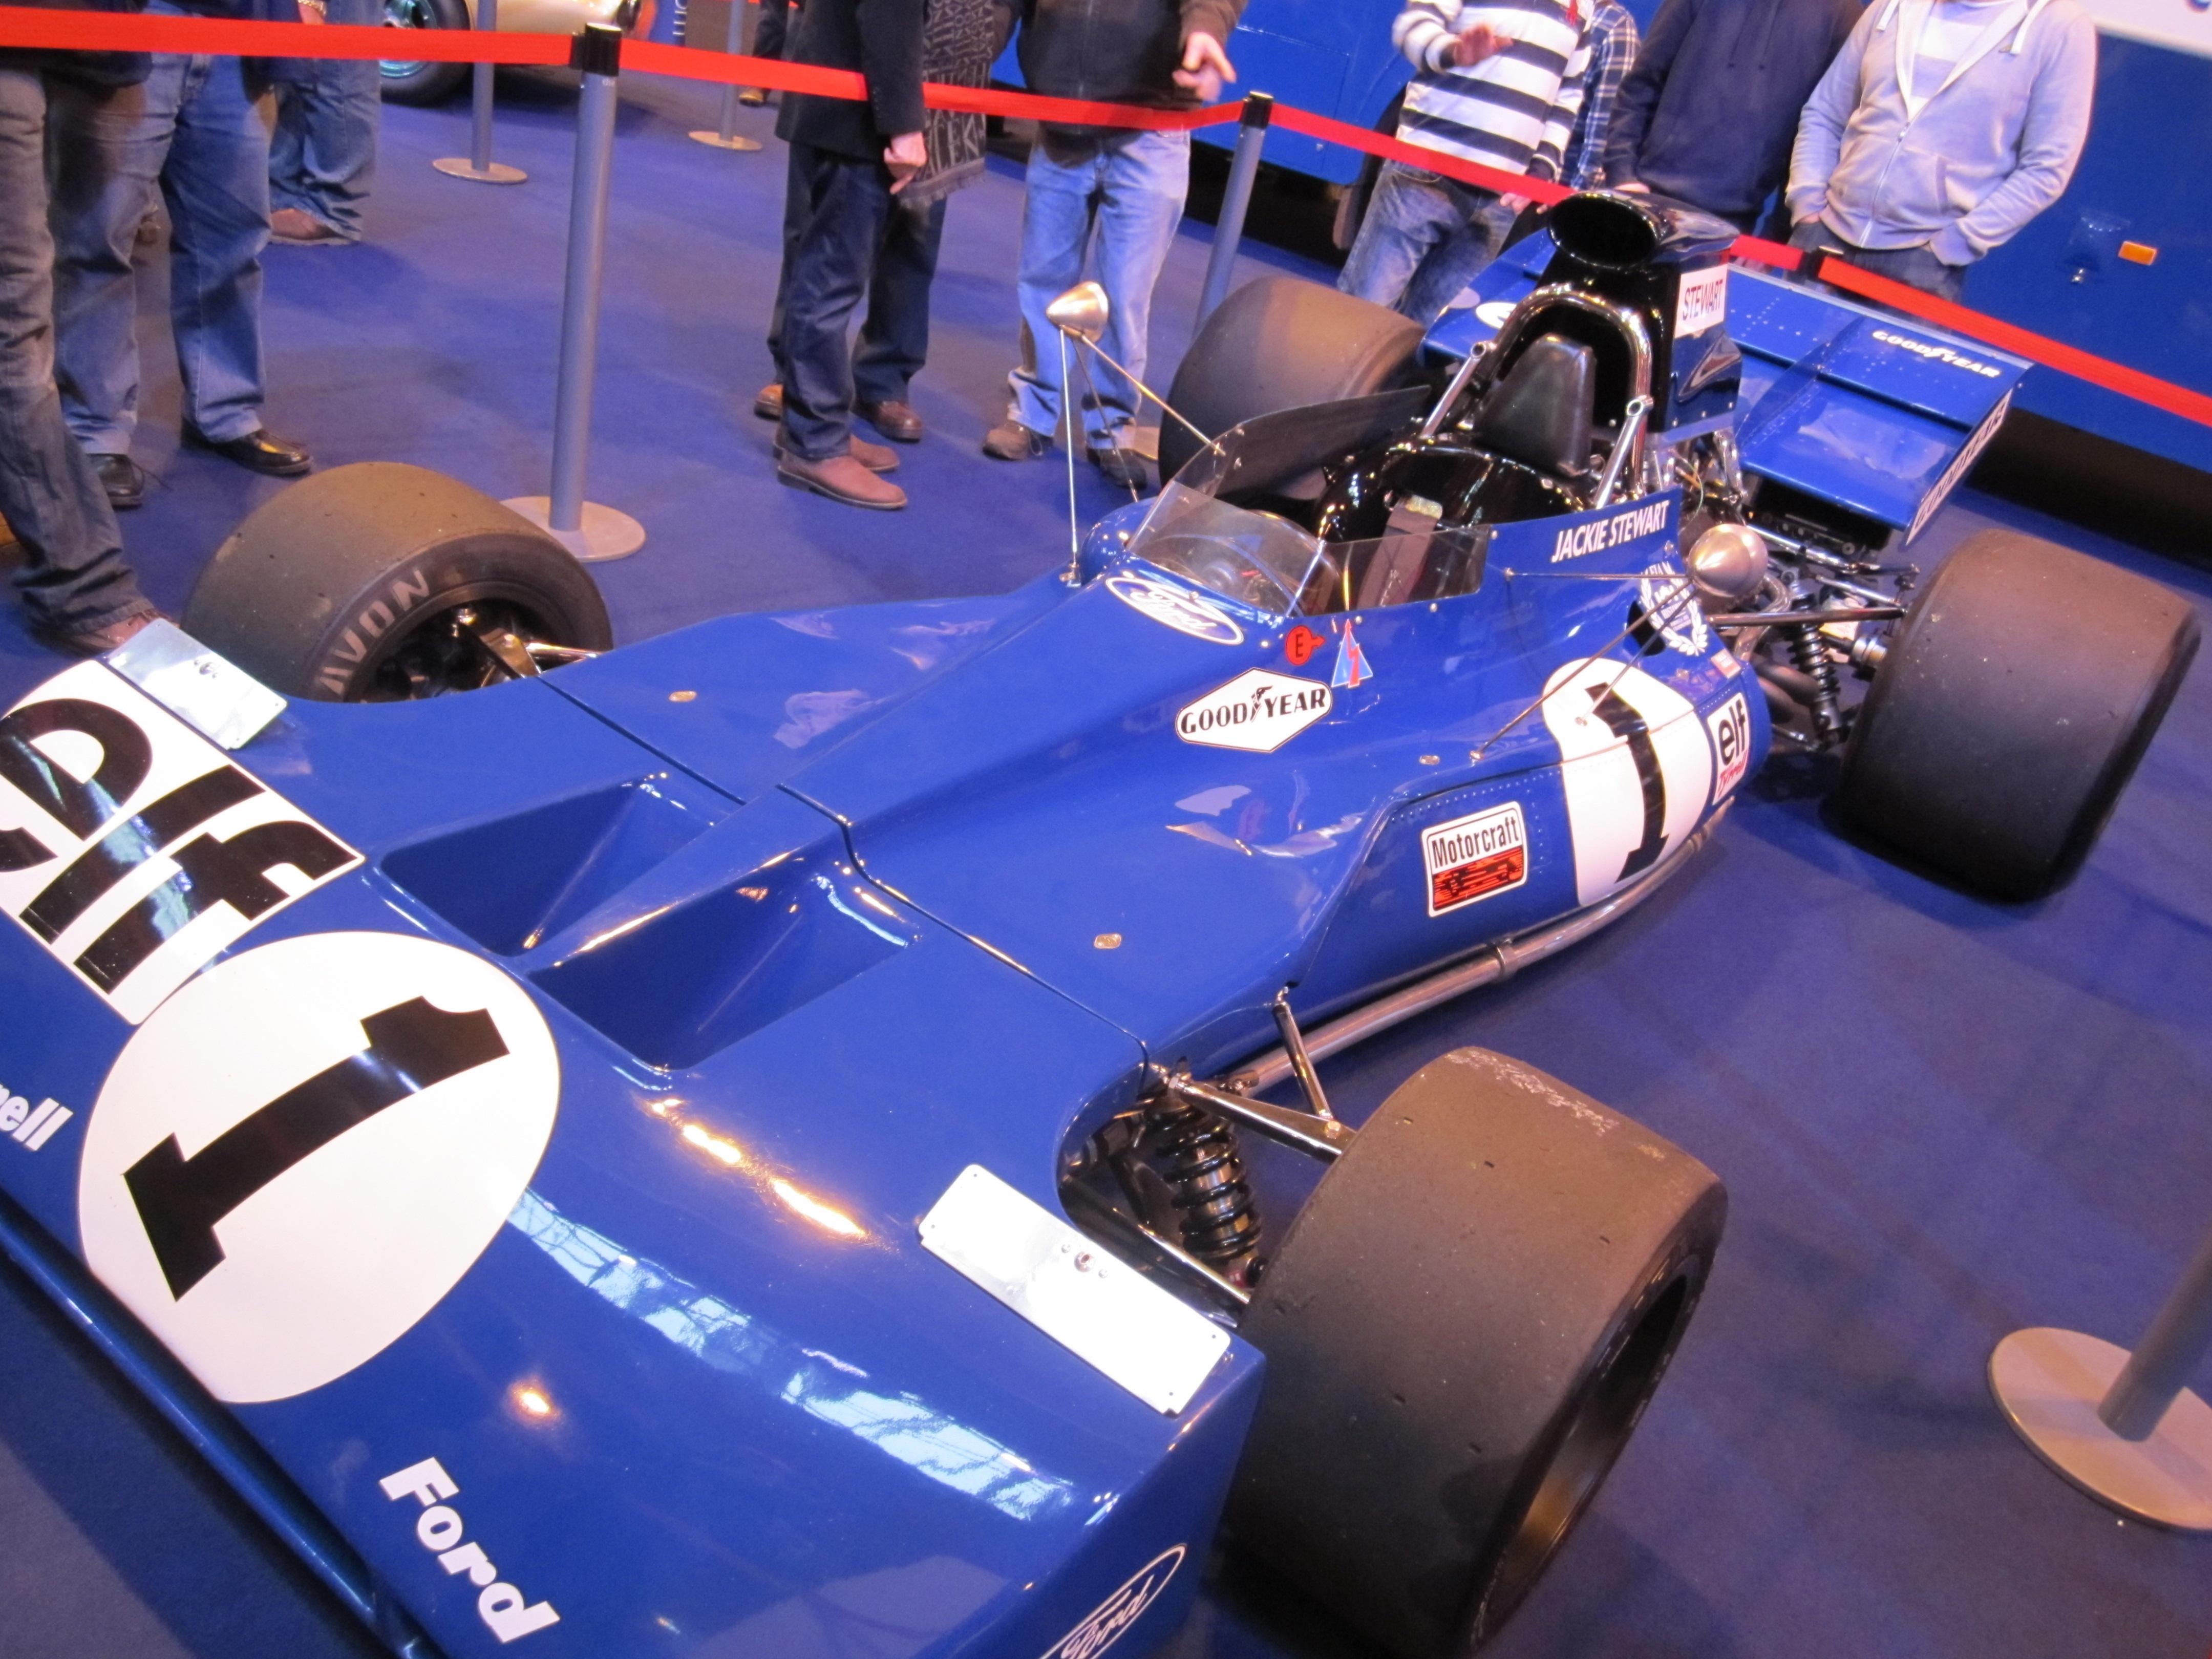 Tyrell F1 Car